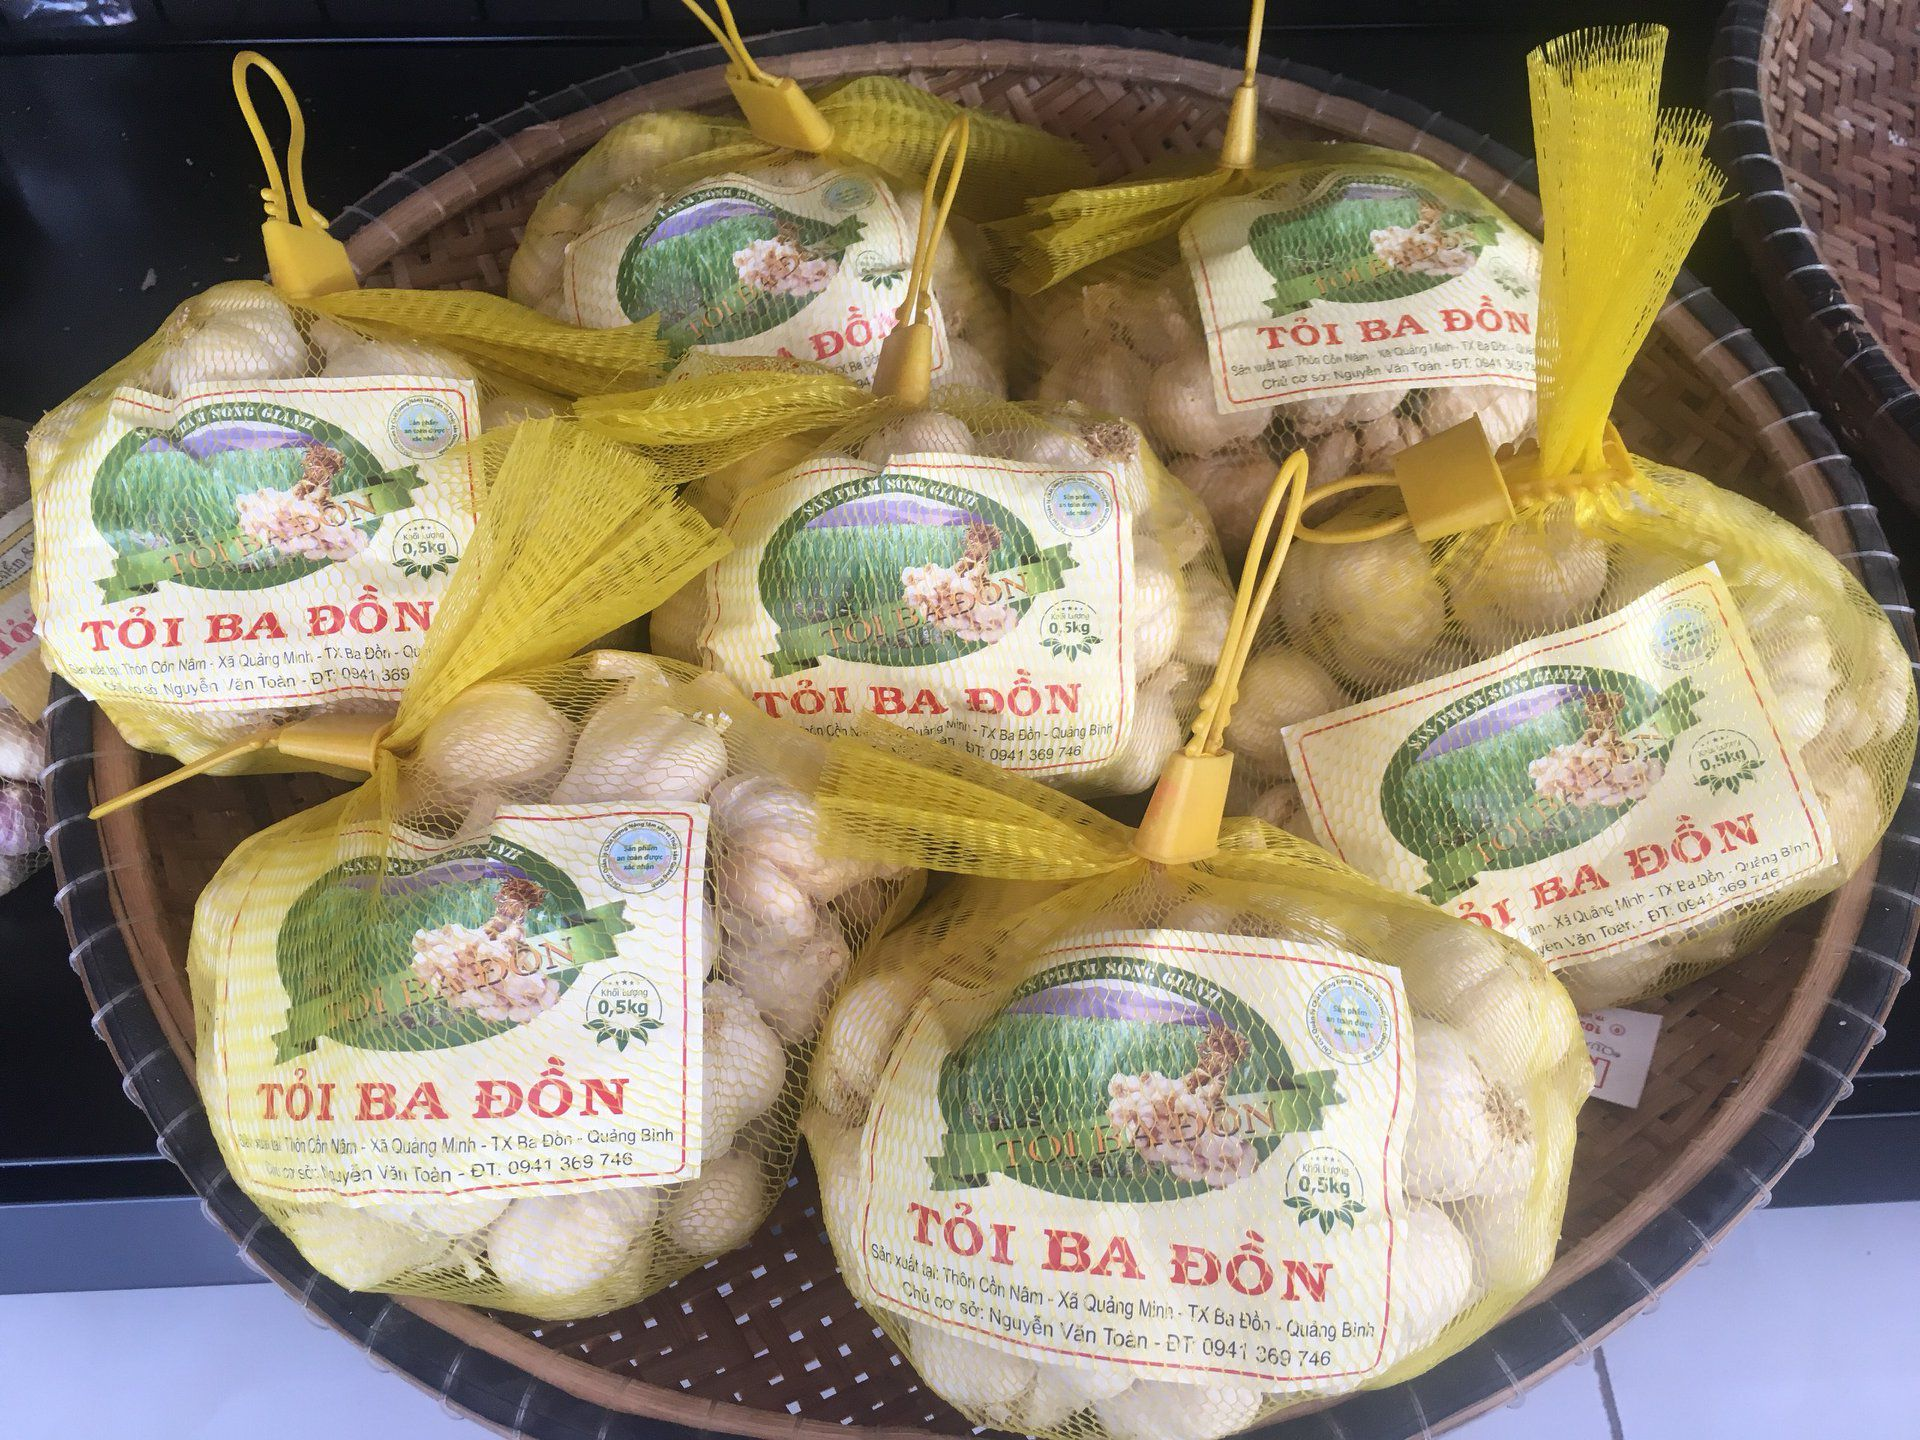 Tỏi Quảng Minh của Ba Đồn cũng là một món đặc sản Quảng Bình đấy